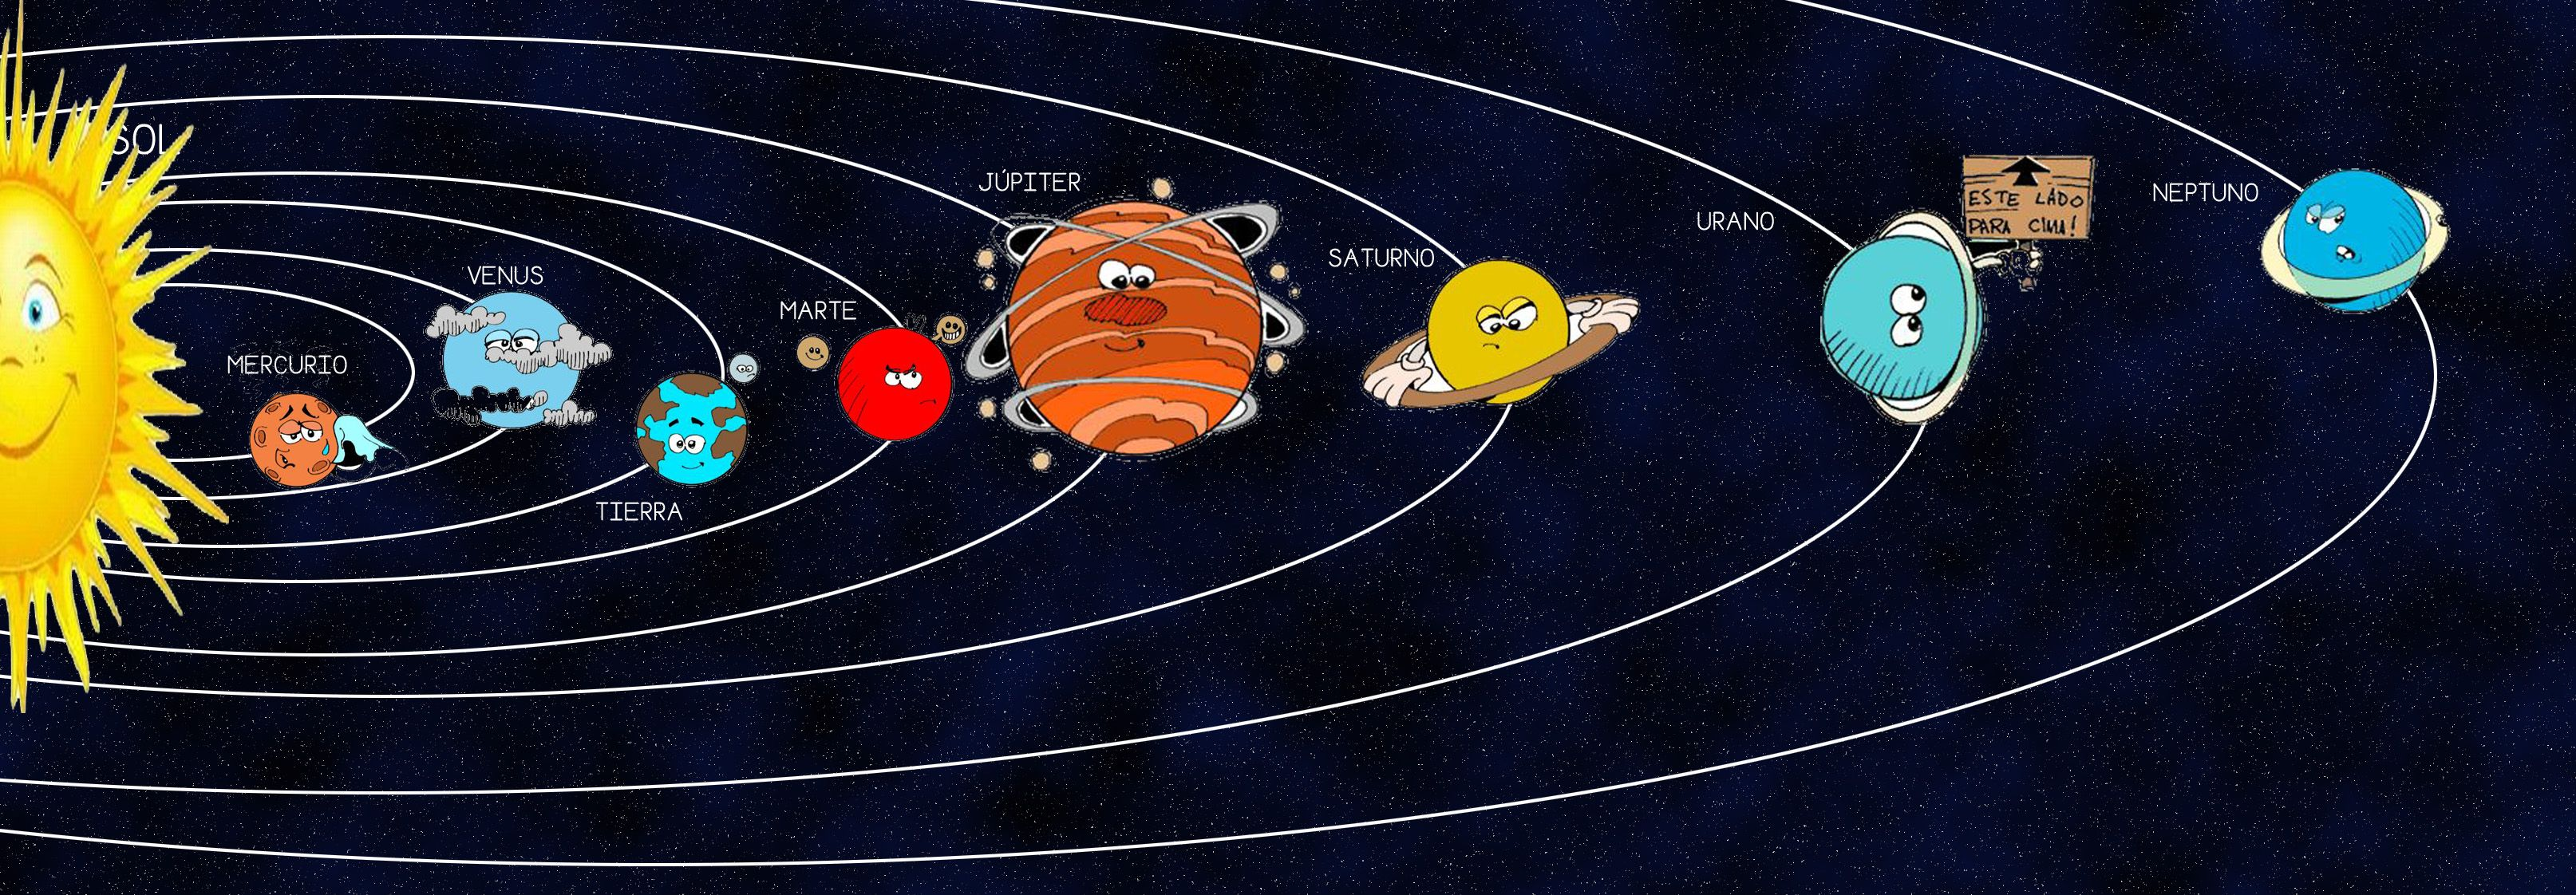 Cartel Para Presentar El Sistema Solar El Universo Para Niños Niños Educacion Infantil